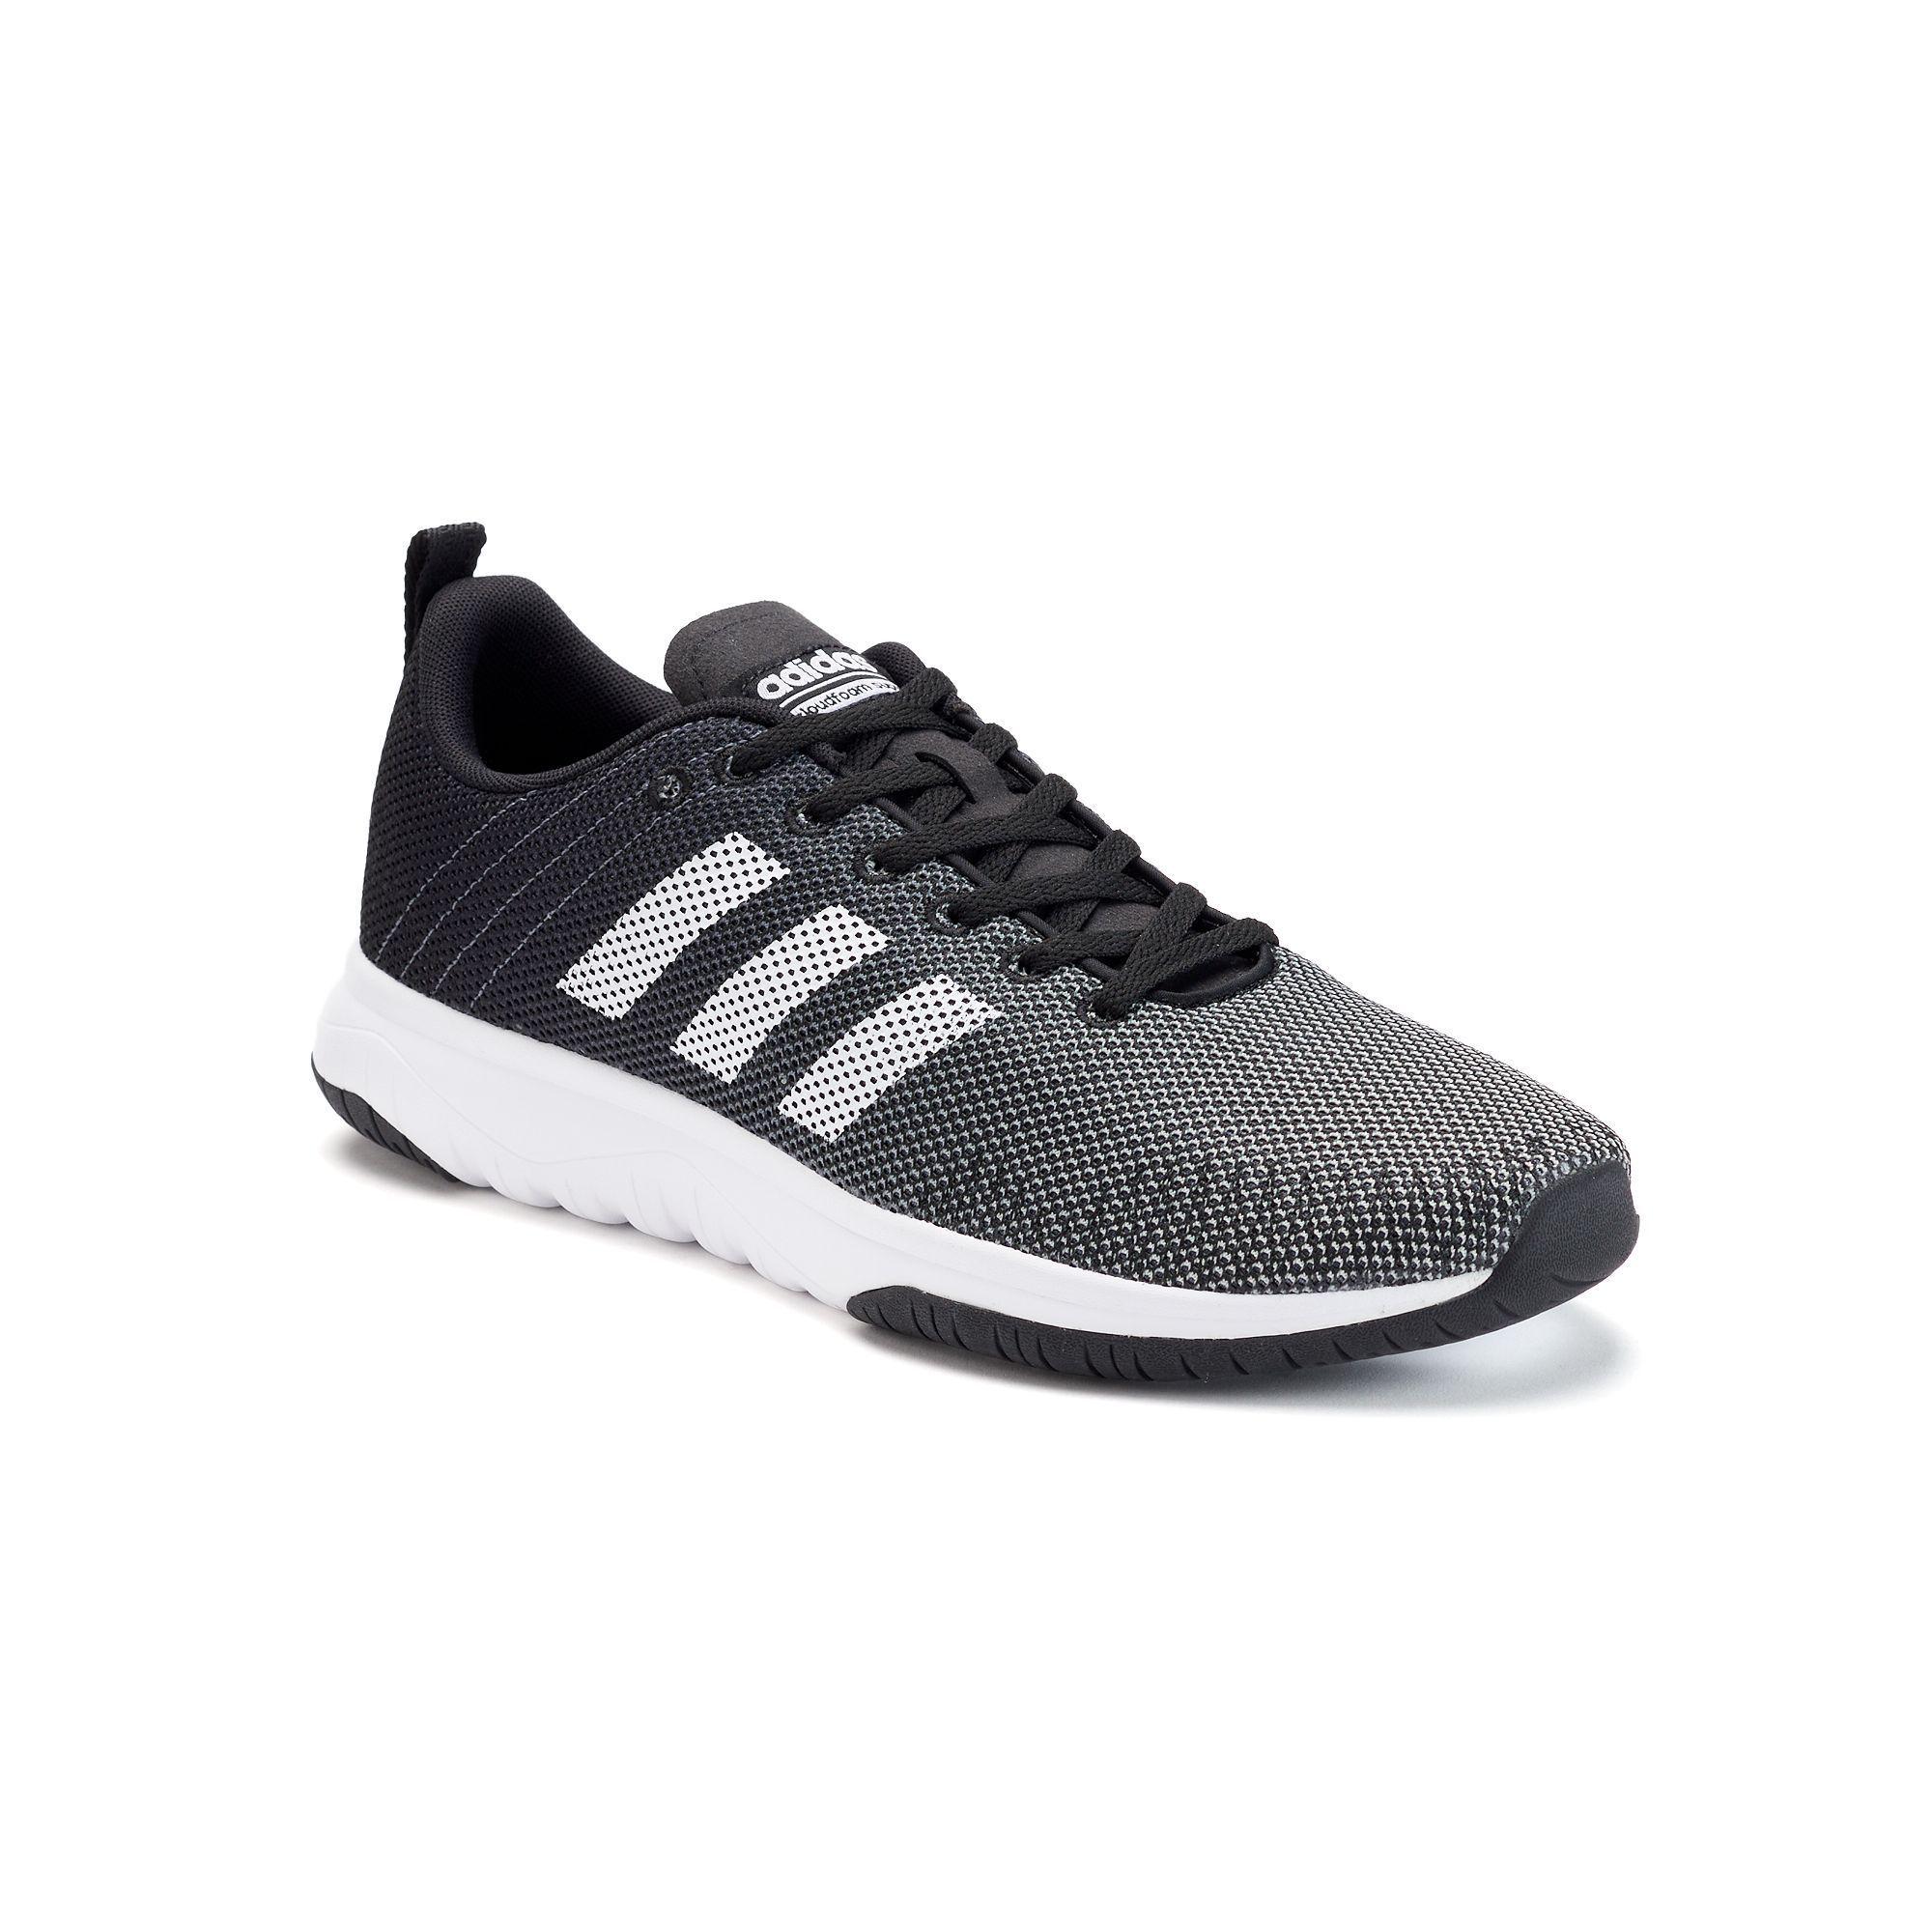 hot sale online 33331 a8048 Adidas NEO Cloudfoam Super Flex Mens Shoes, Size 10.5, Black